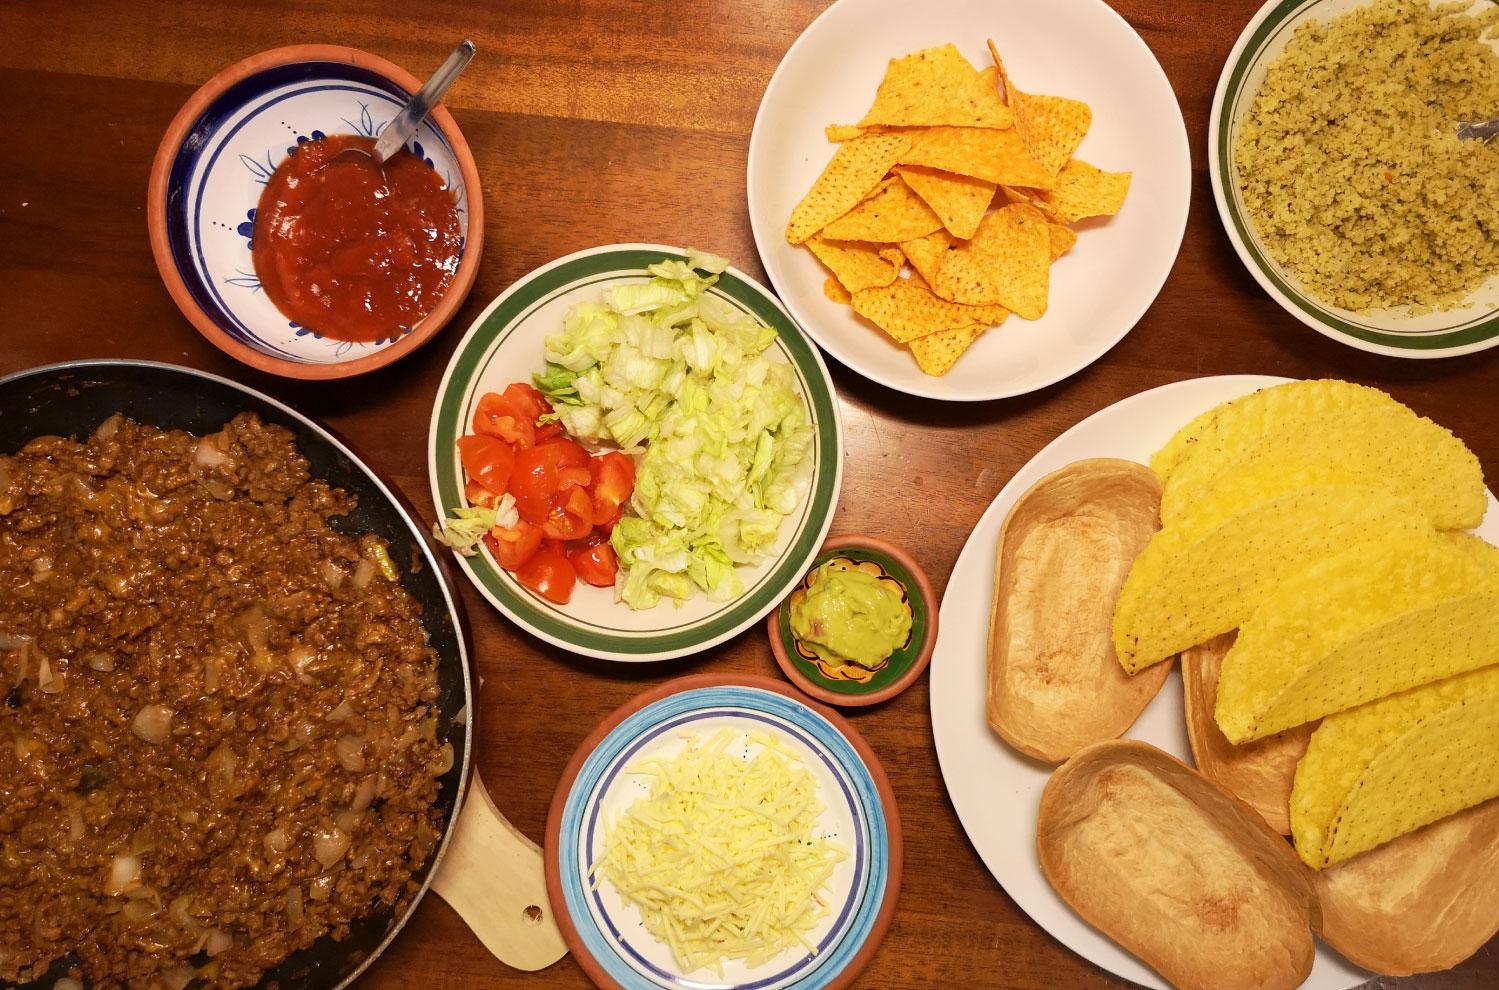 old-el-paso-mexican-vegan-meal-main